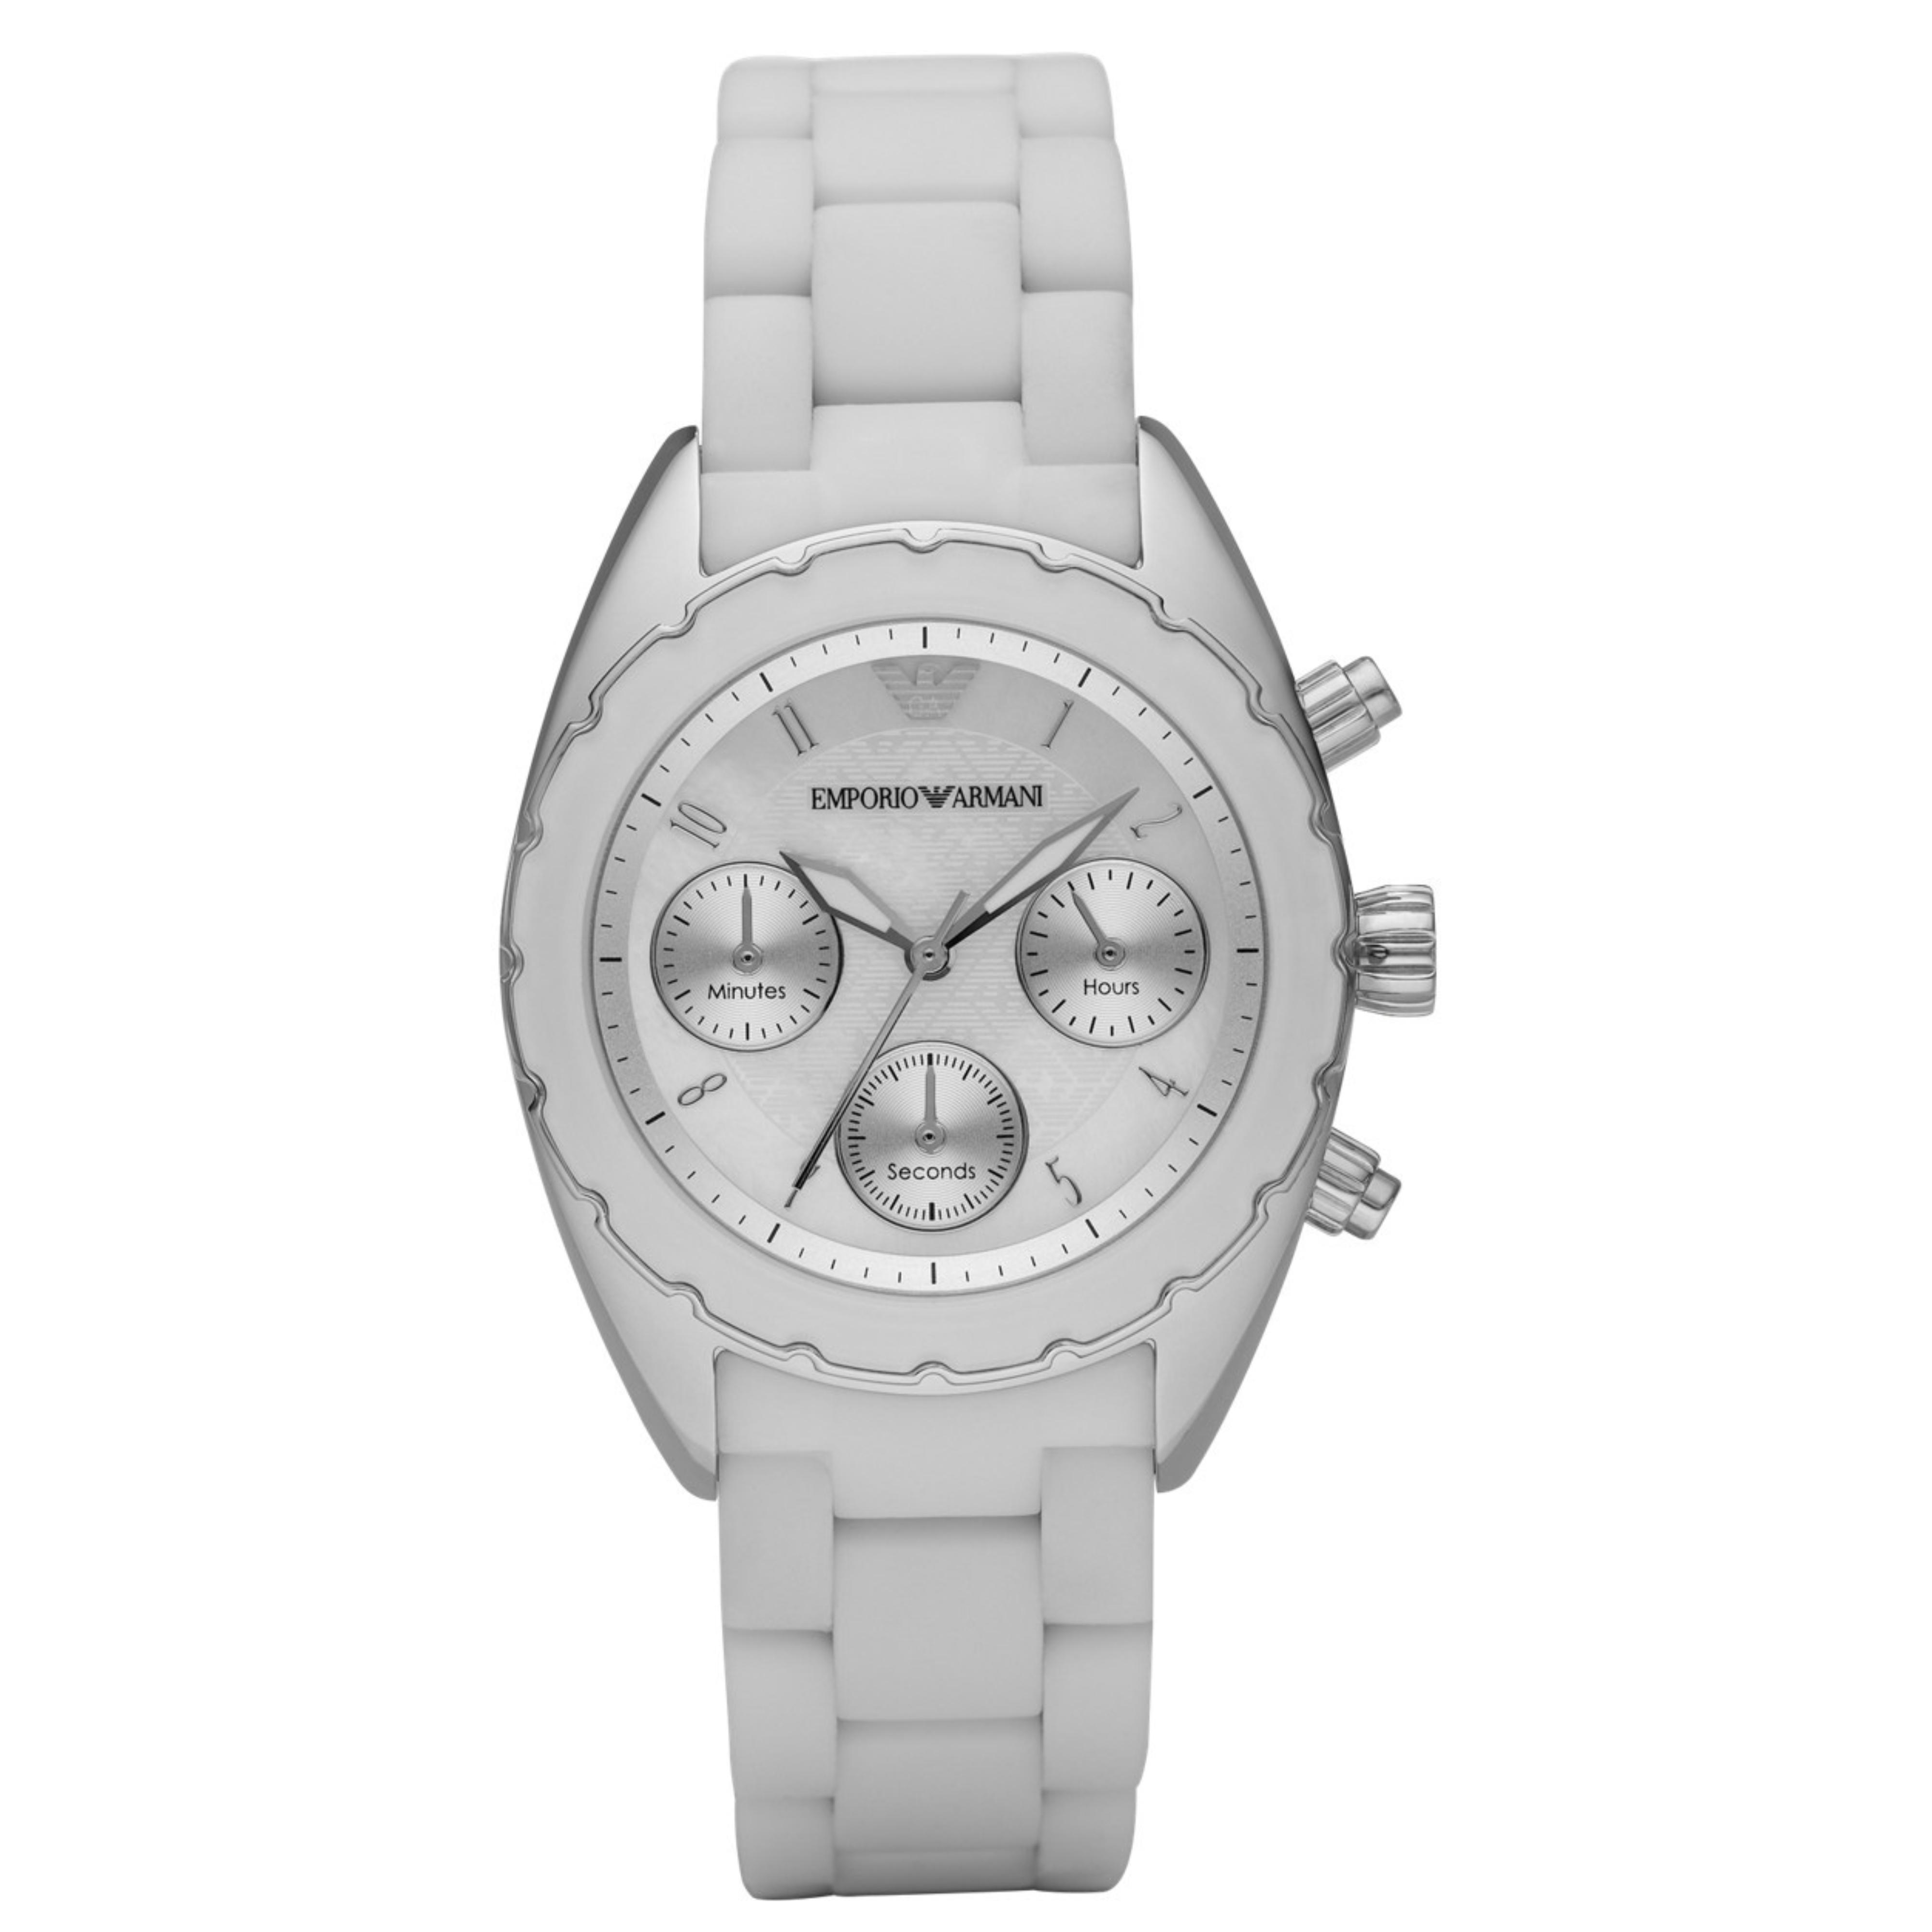 032e83e08fe4 Emporio Armani Deportivo Reloj Mujer Ar5941 │ Blanco Cronómetro ...